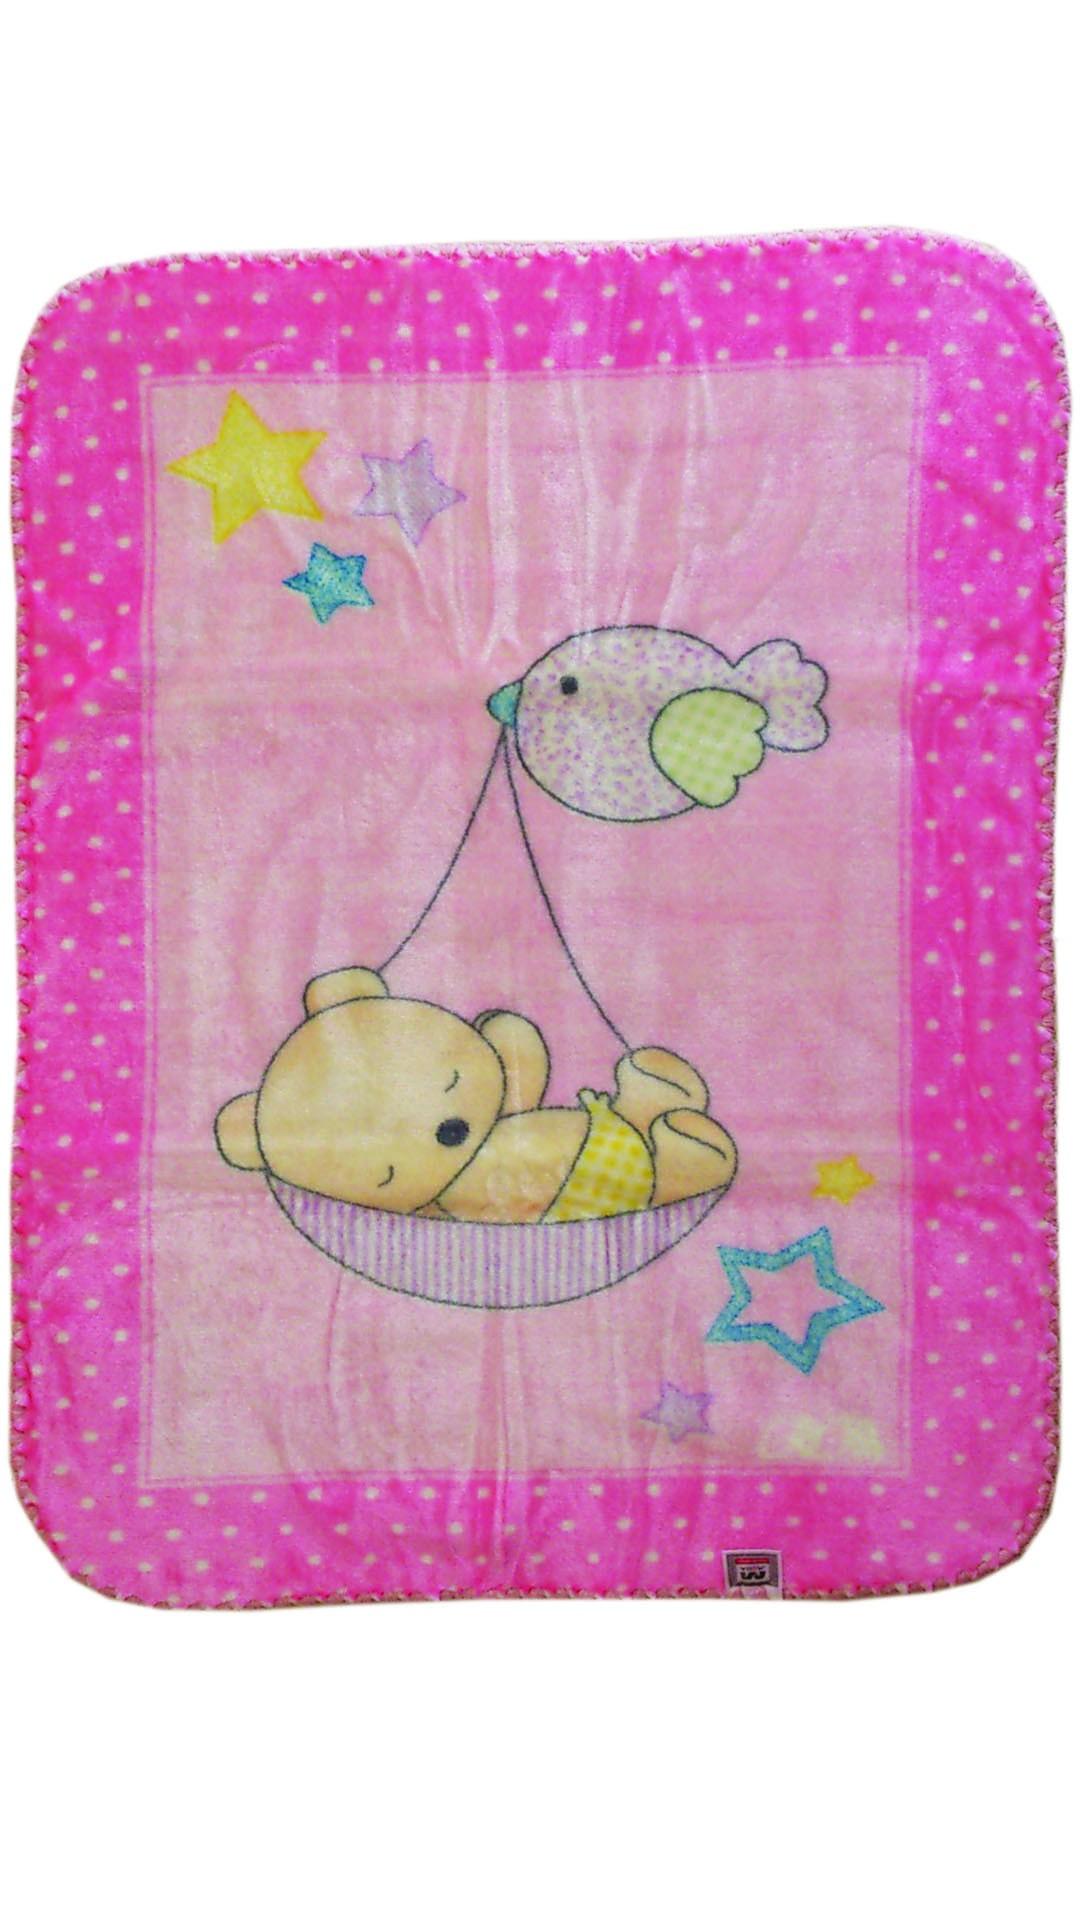 Κουβέρτα Βελουτέ Αγκαλιάς Morven Piccola 050 Ροζ